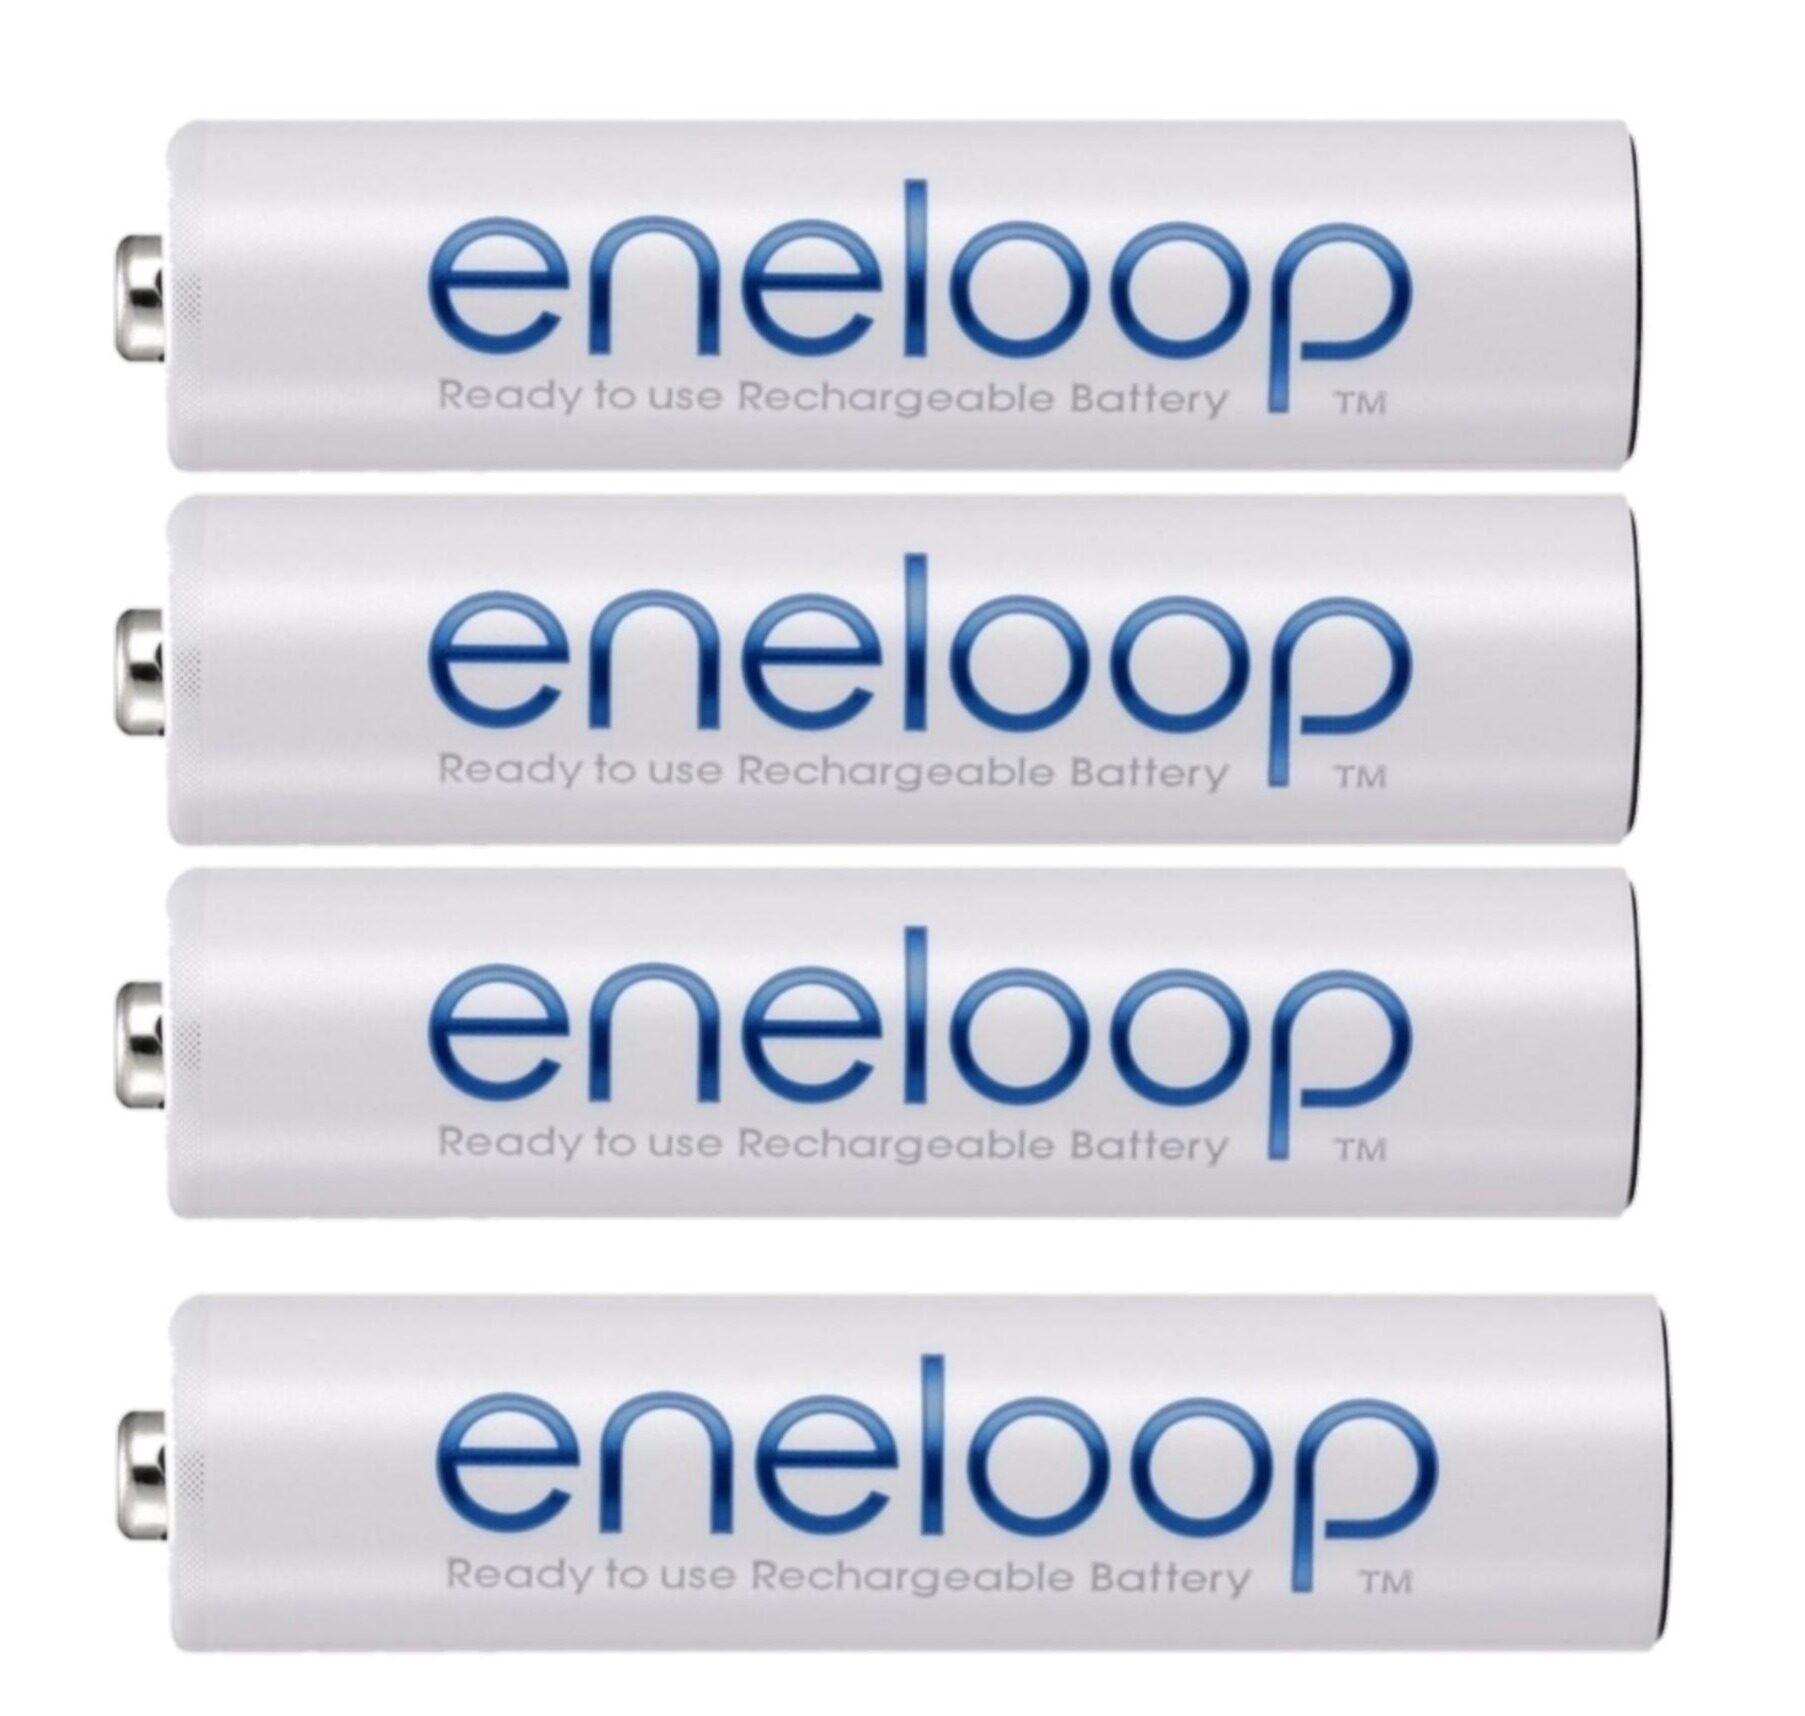 Panasonic Eneloop AAA Rechargeable Battery 800mAh (4 Pcs)